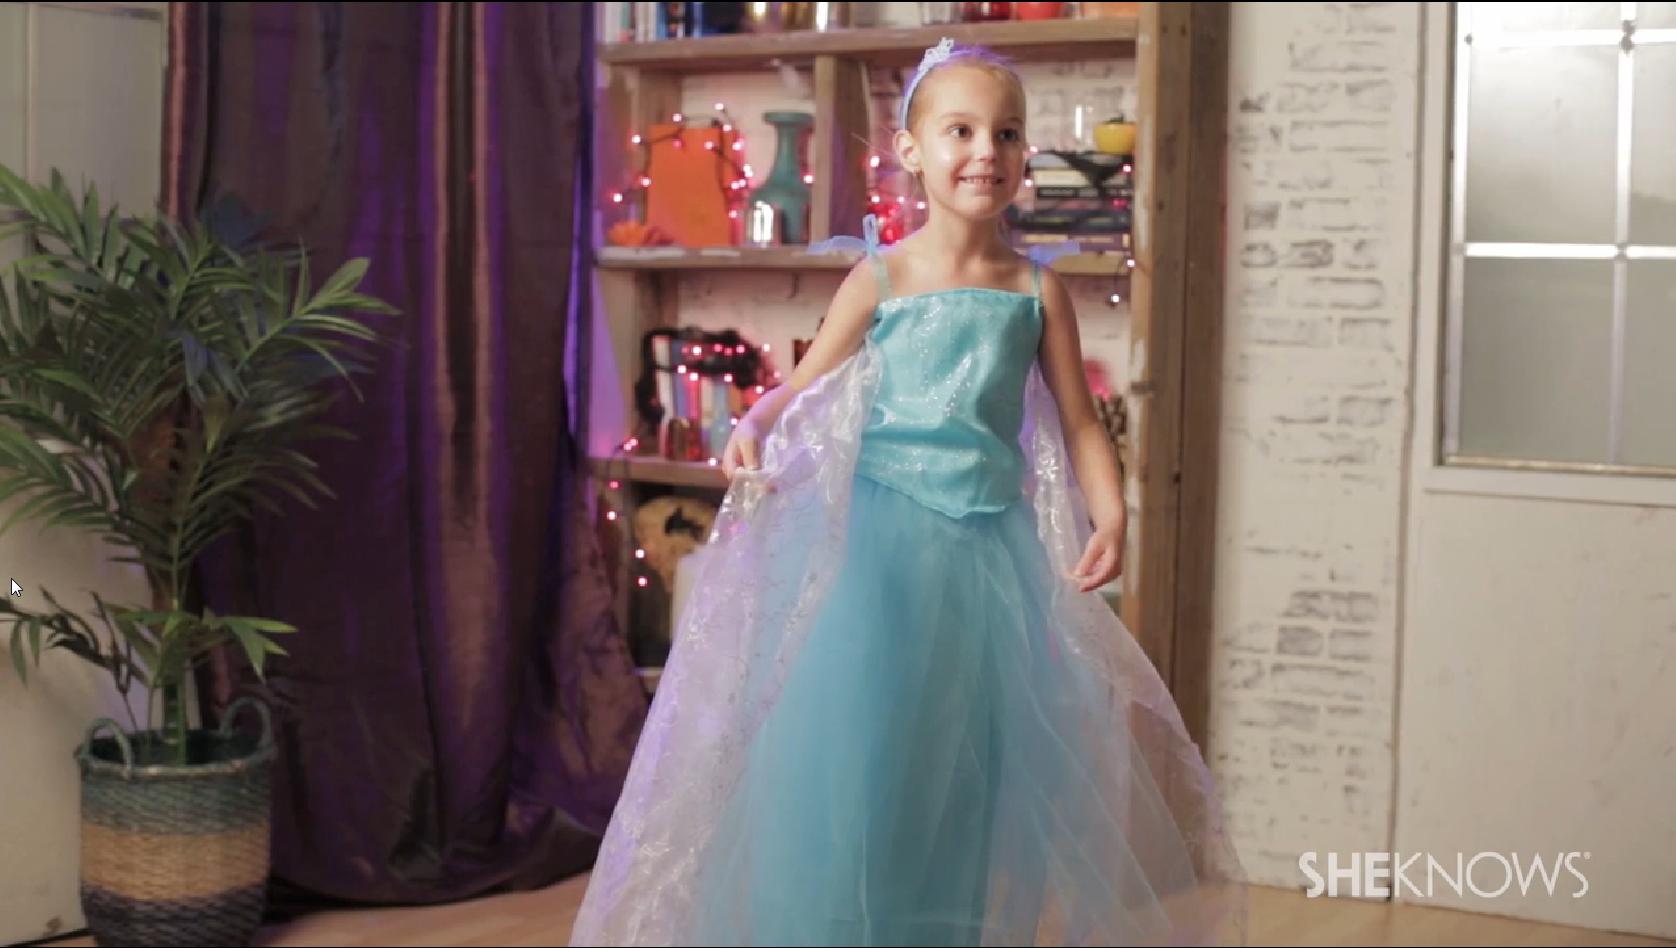 DIY Elsa Frozen costume tutorial